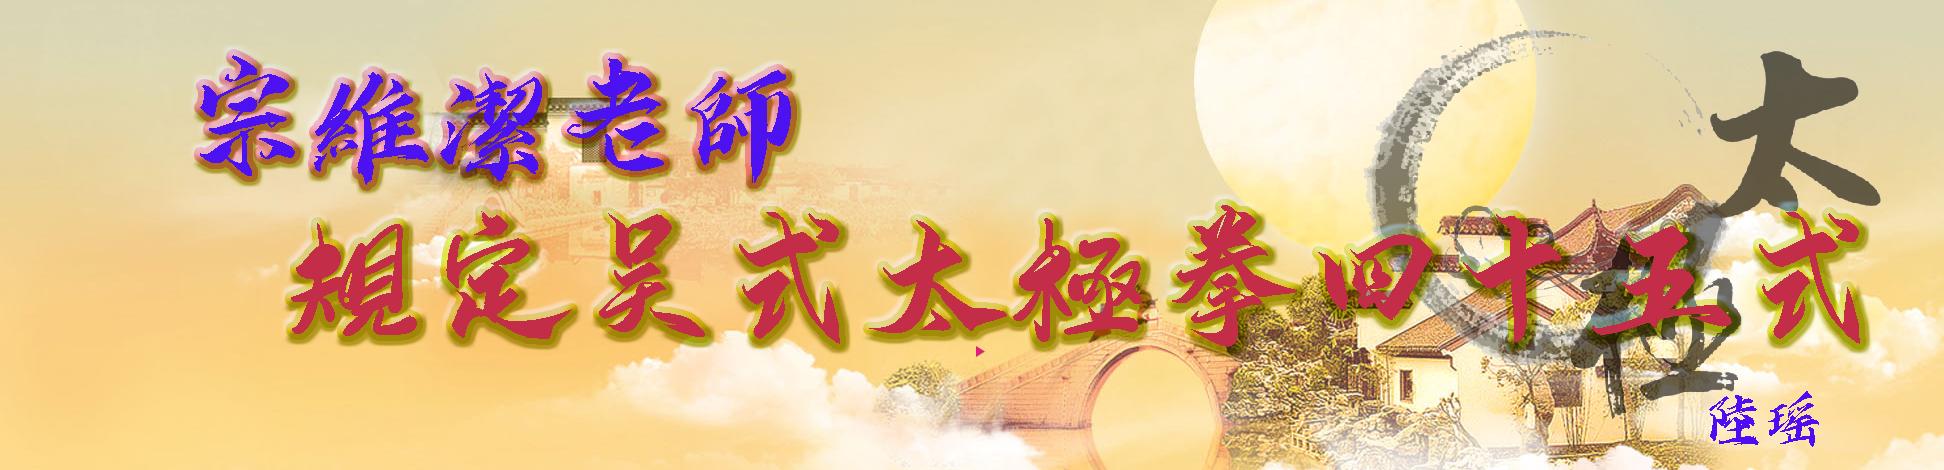 Wu style Taiji